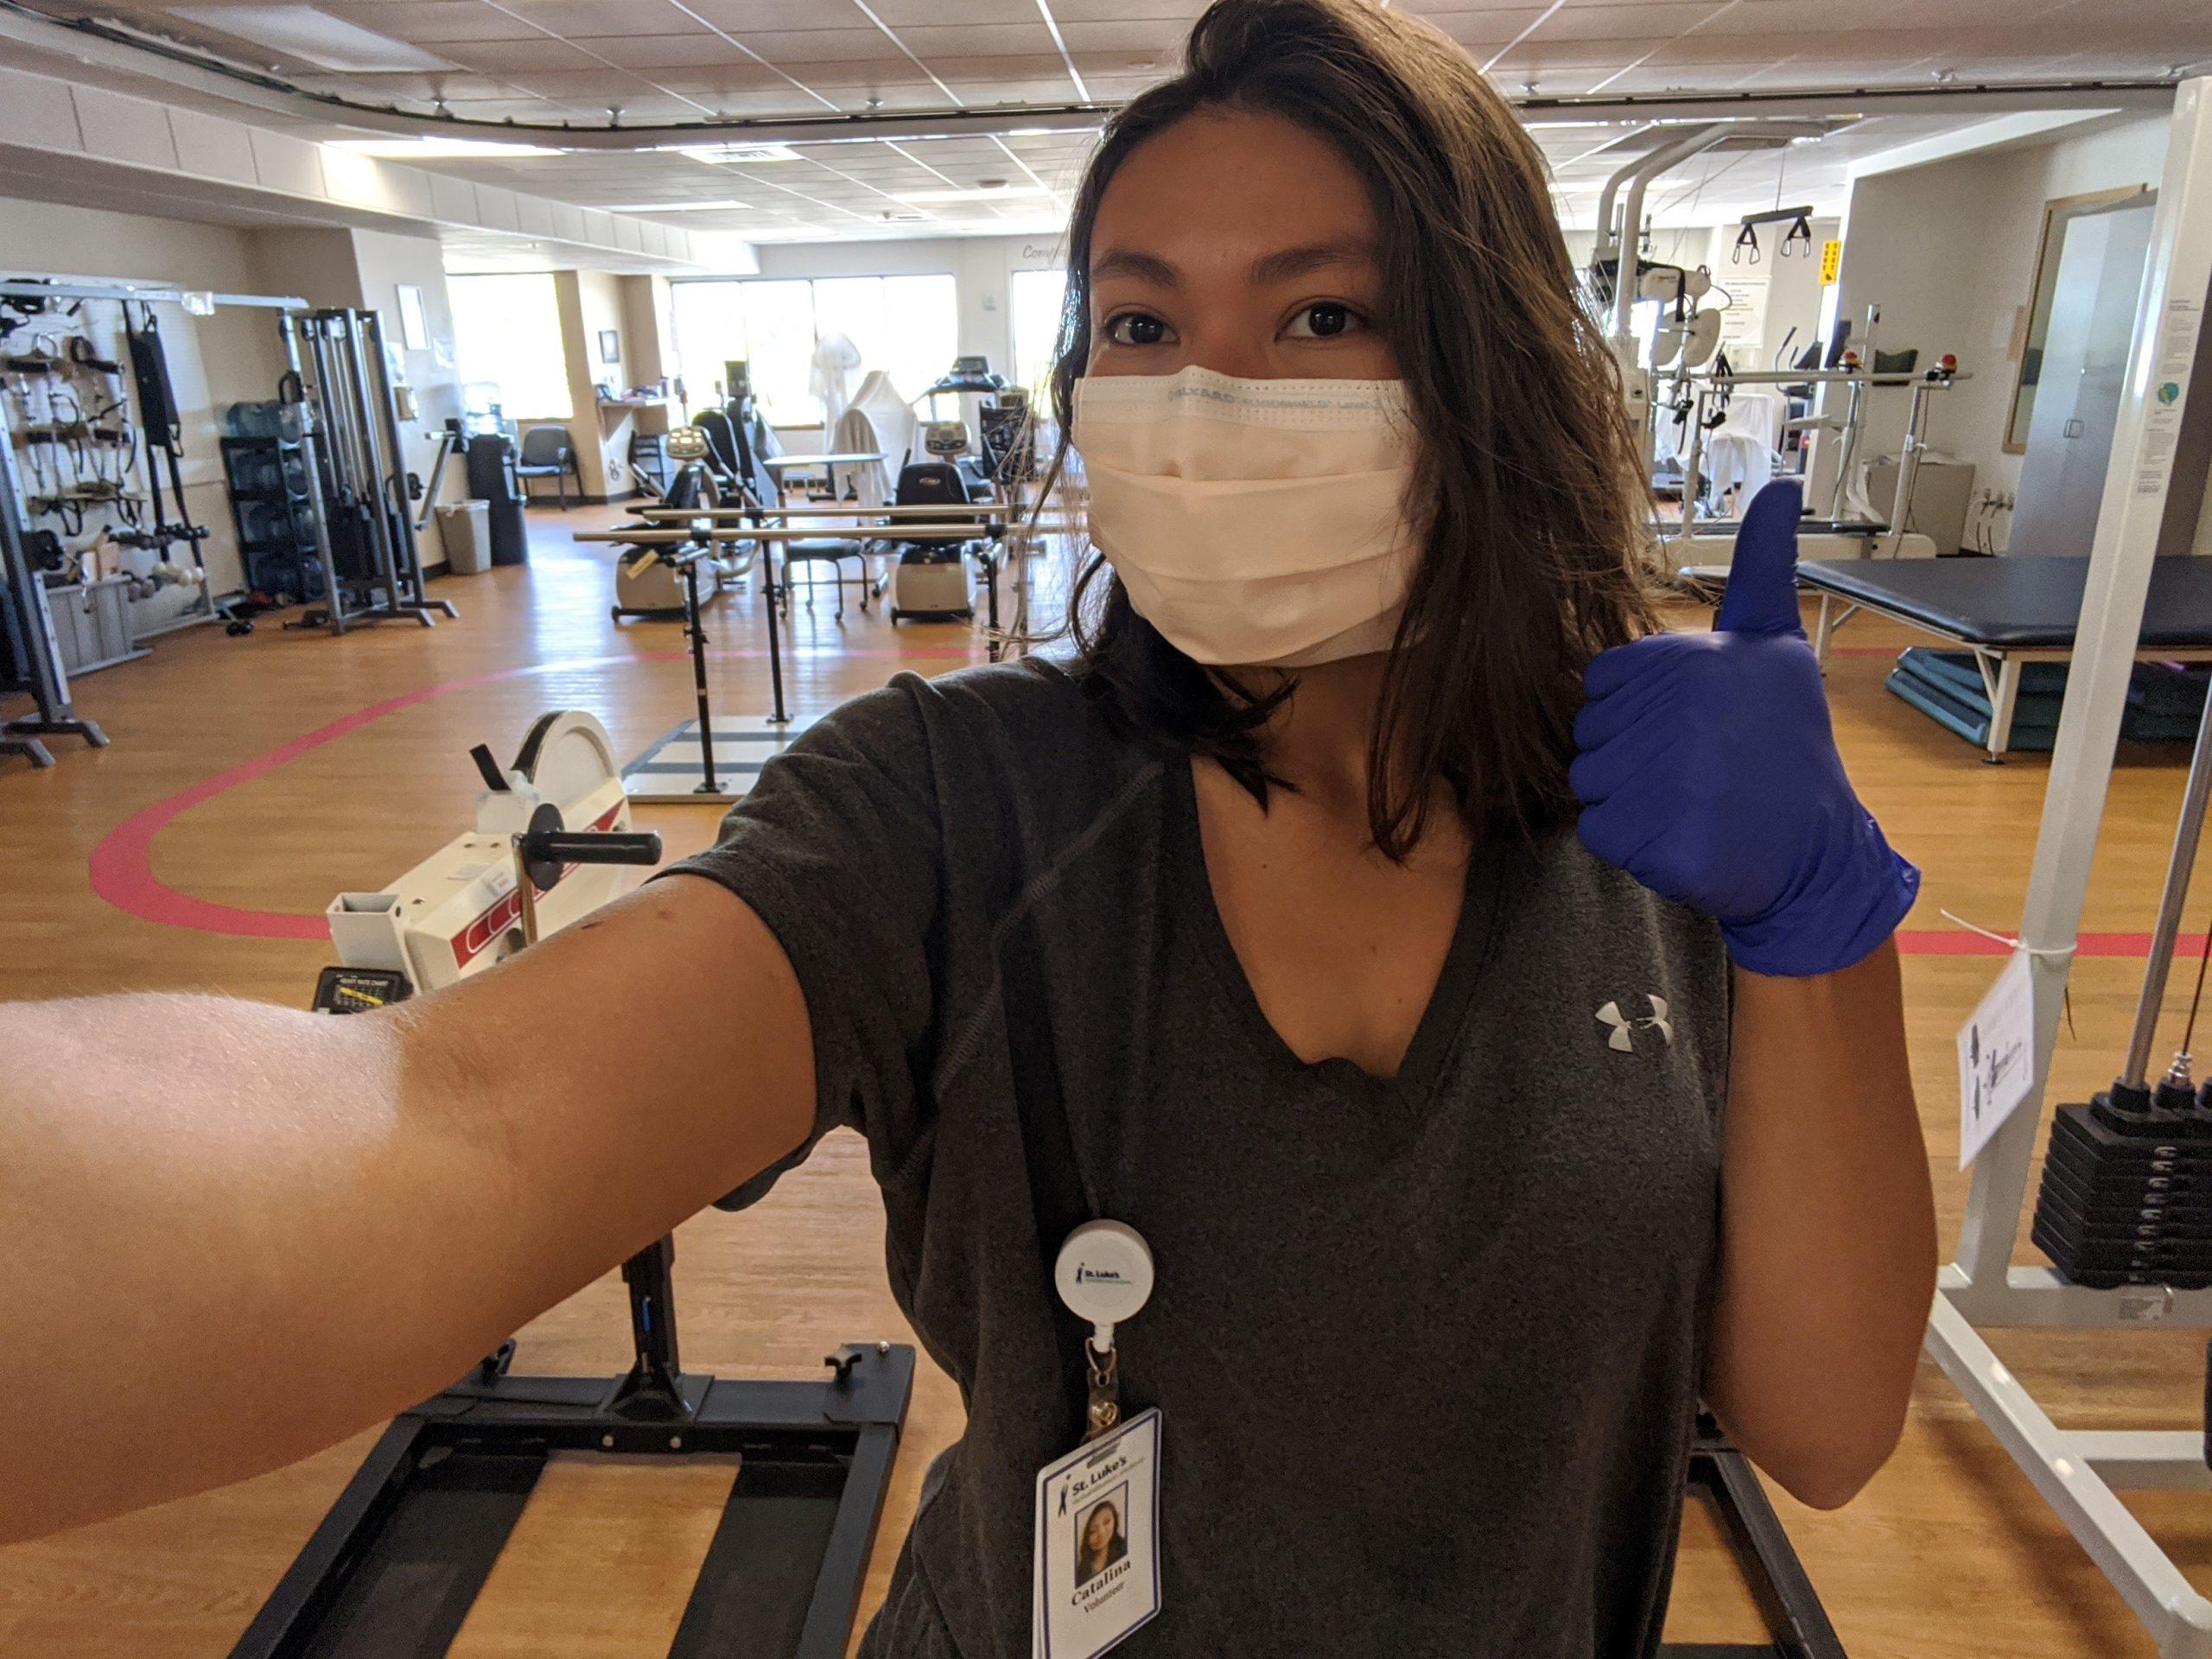 C. Salazar, Exercise Science, St. Luke's Rehabilitation Center